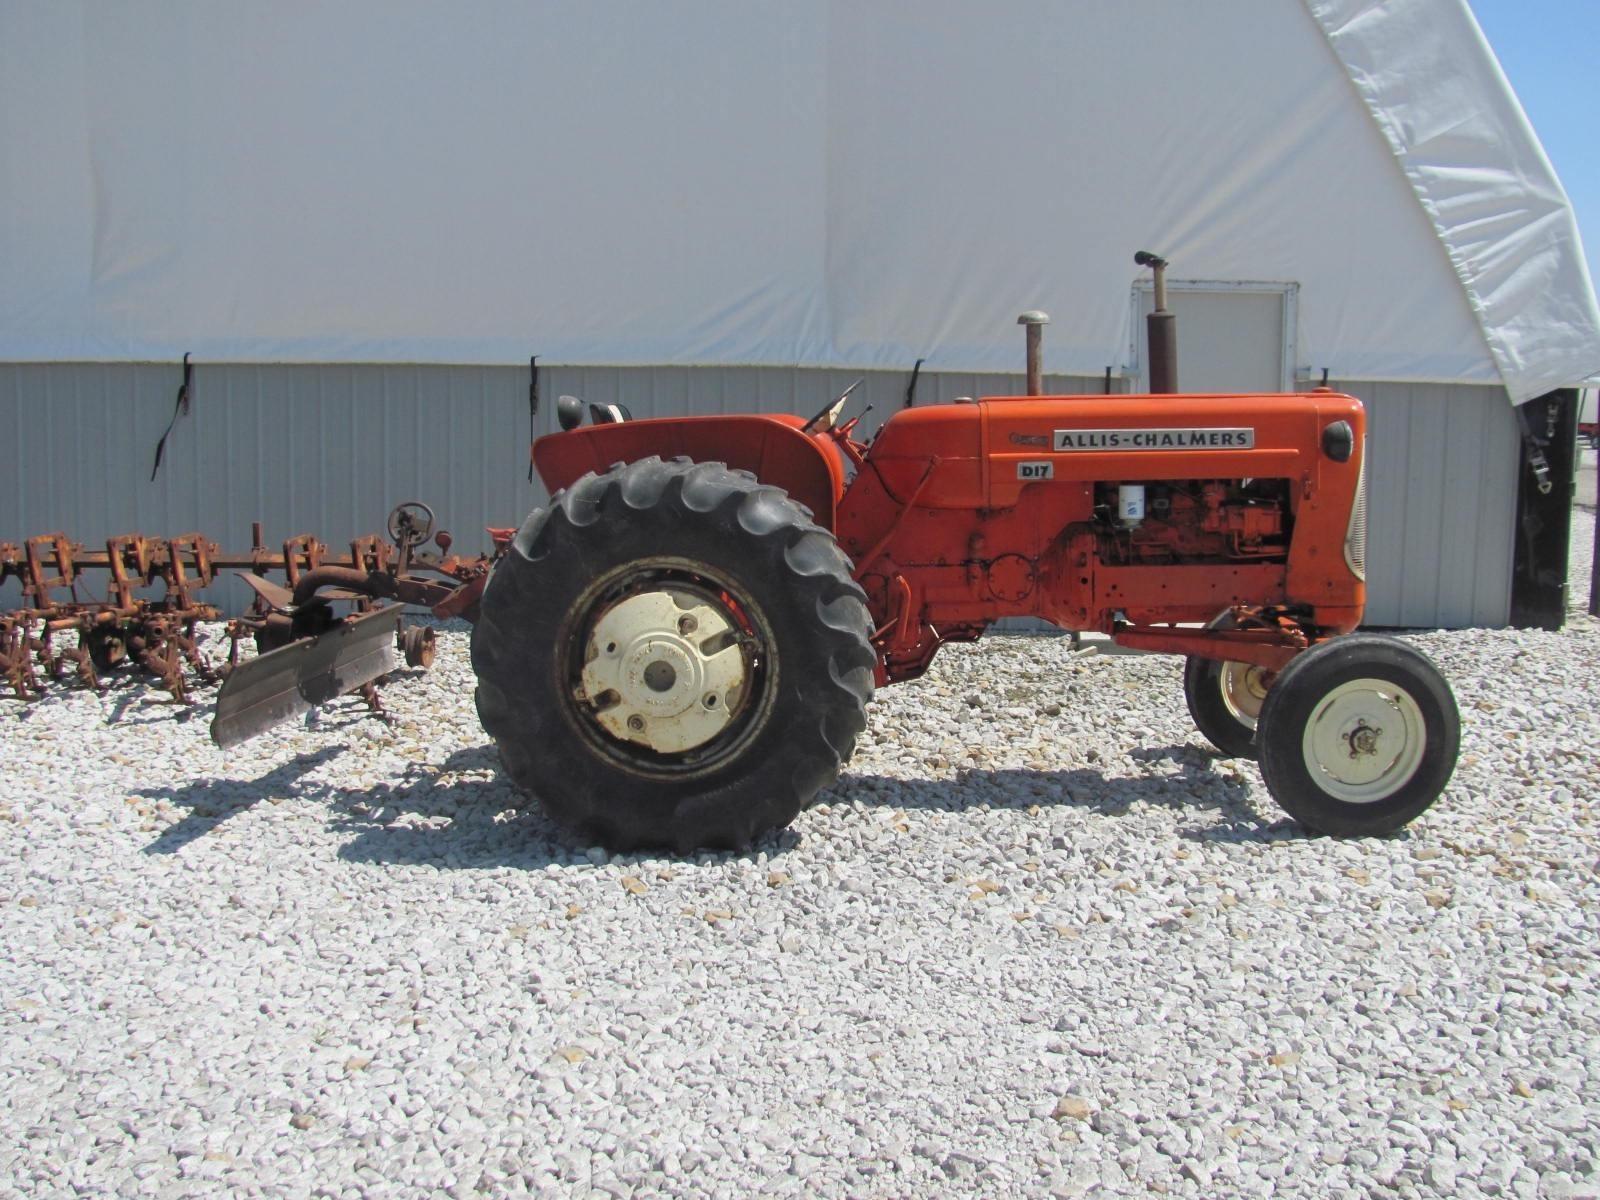 1962 allis chalmers d17 tractor veedersburg indiana 5 000 machinery pete 1962 allis chalmers d17 tractor